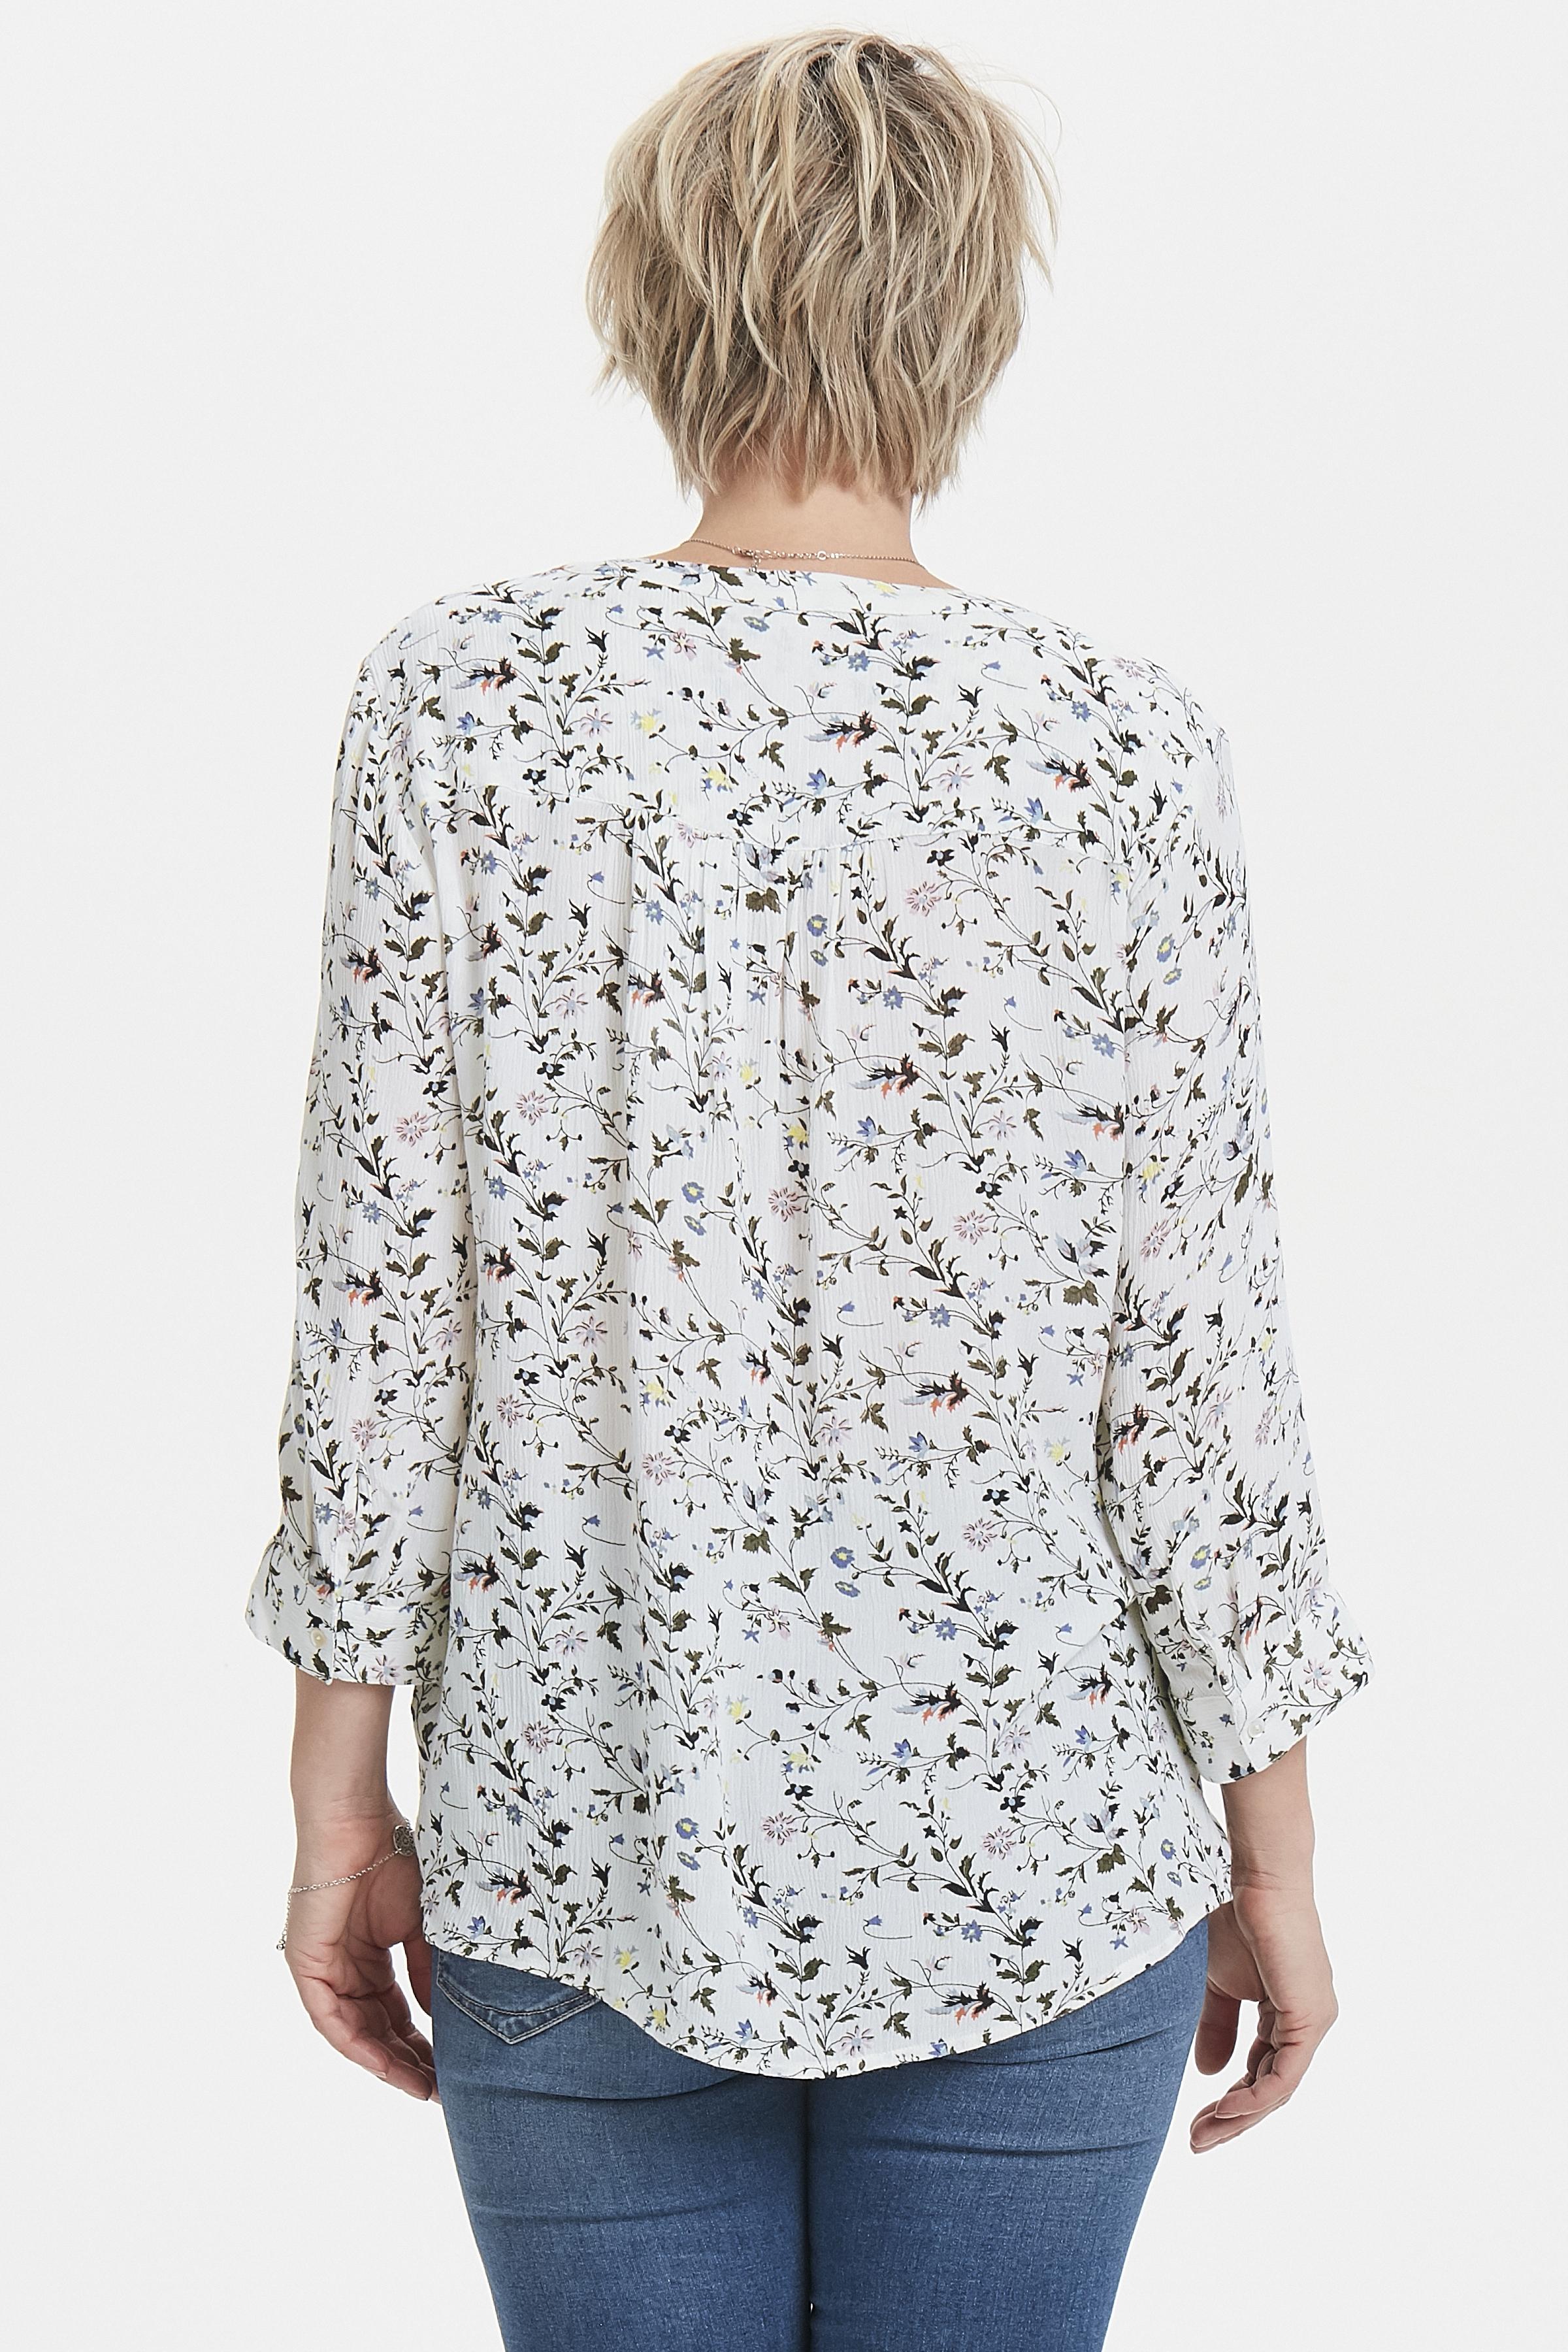 Wollweiss/olivgrün Bluse von Fransa – Shoppen SieWollweiss/olivgrün Bluse ab Gr. XS-XXL hier